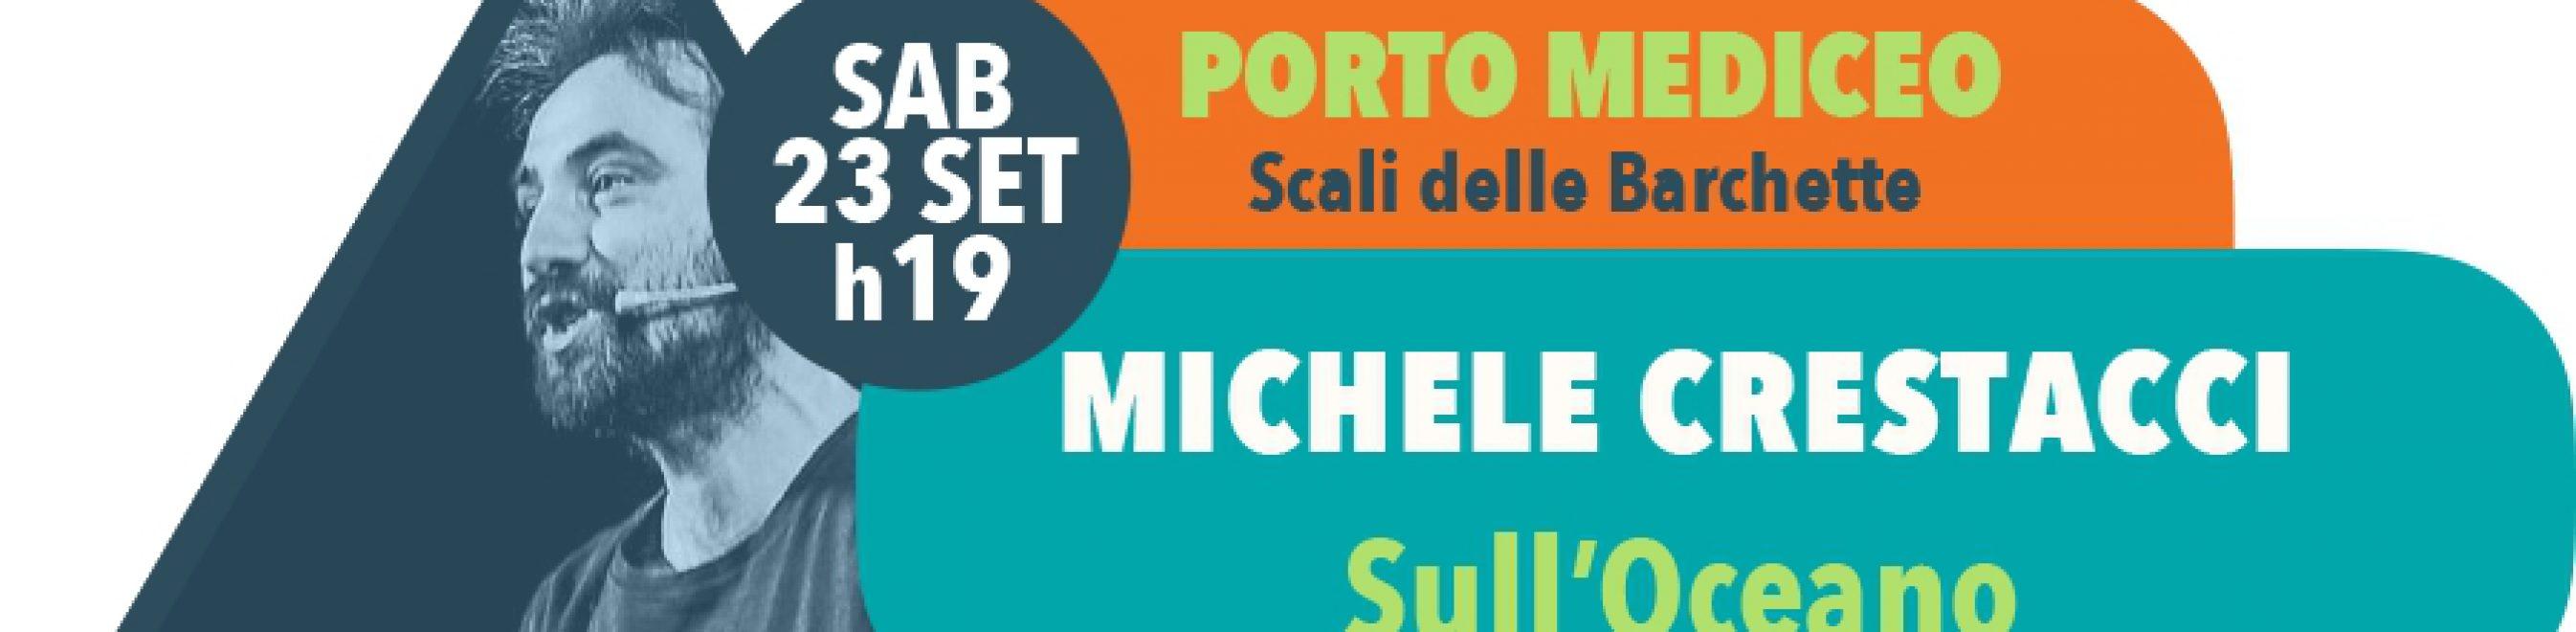 Sabato 23 settembre, ore 19 - Scenari di Quartiere: Venezia MICHELE CRESTACCI